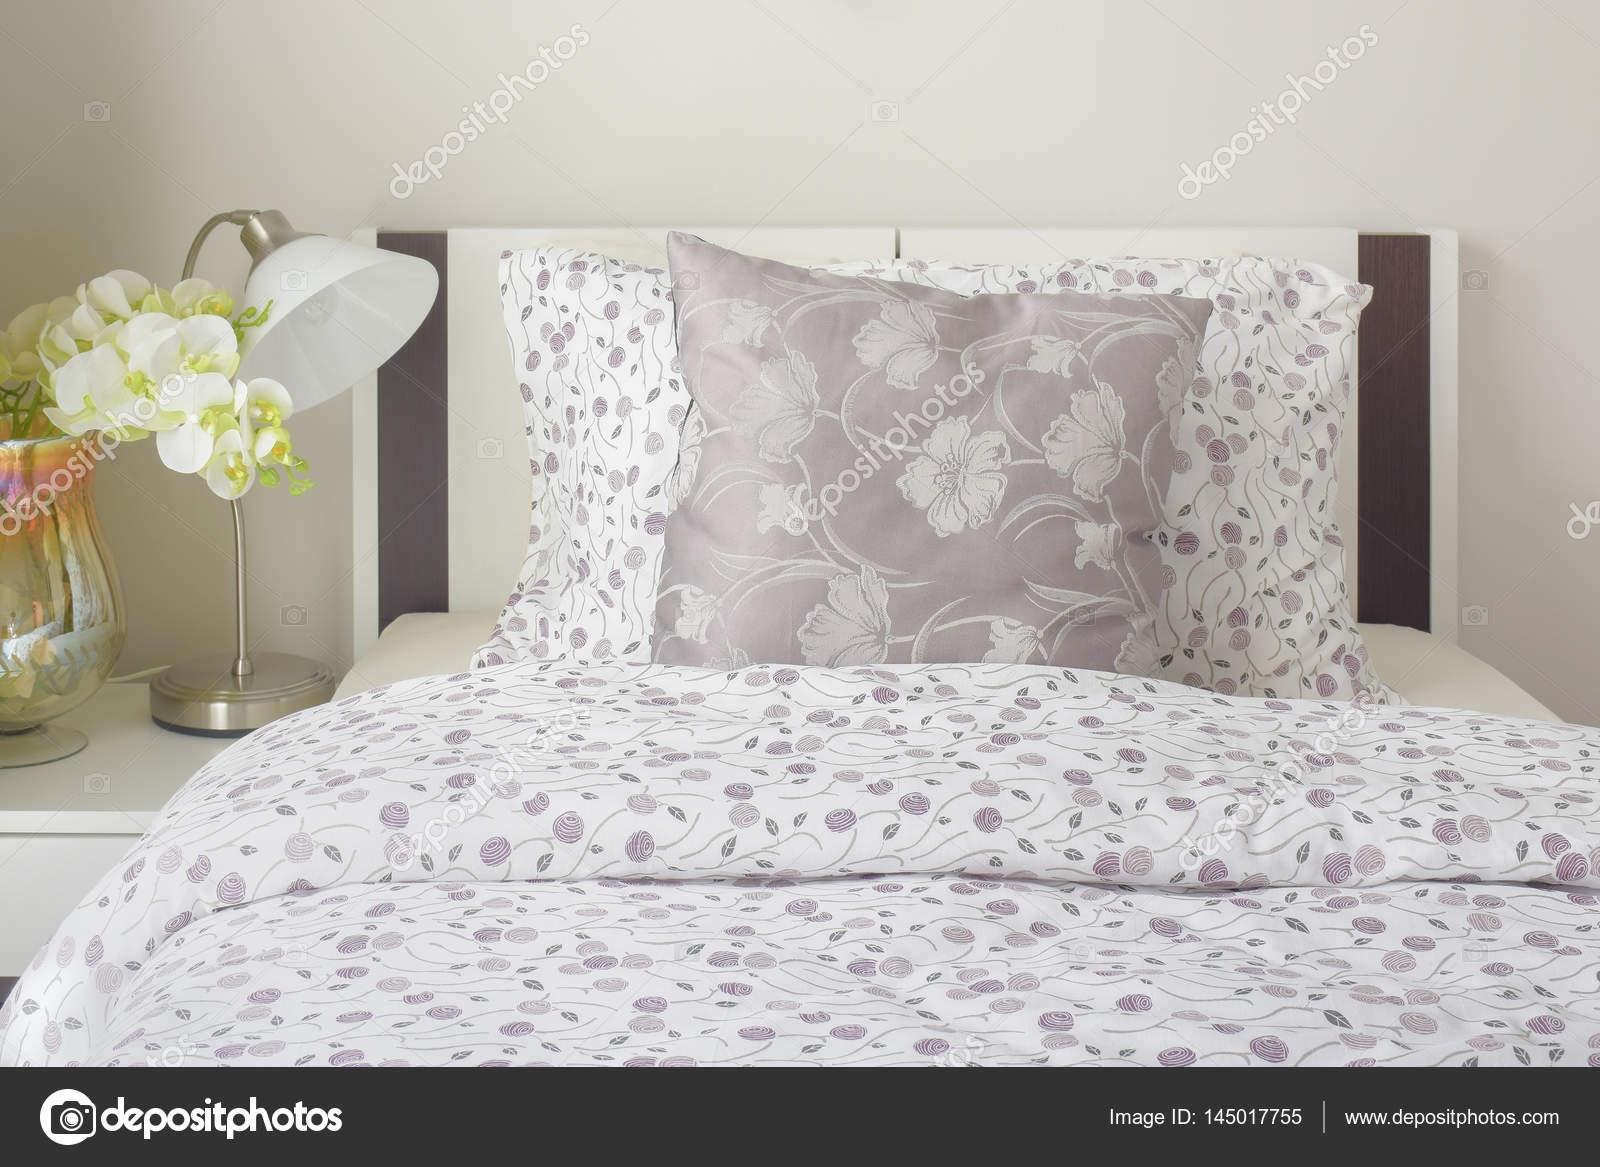 Lenzuola in stile modello lavanda piccoli in camera da letto con l ...